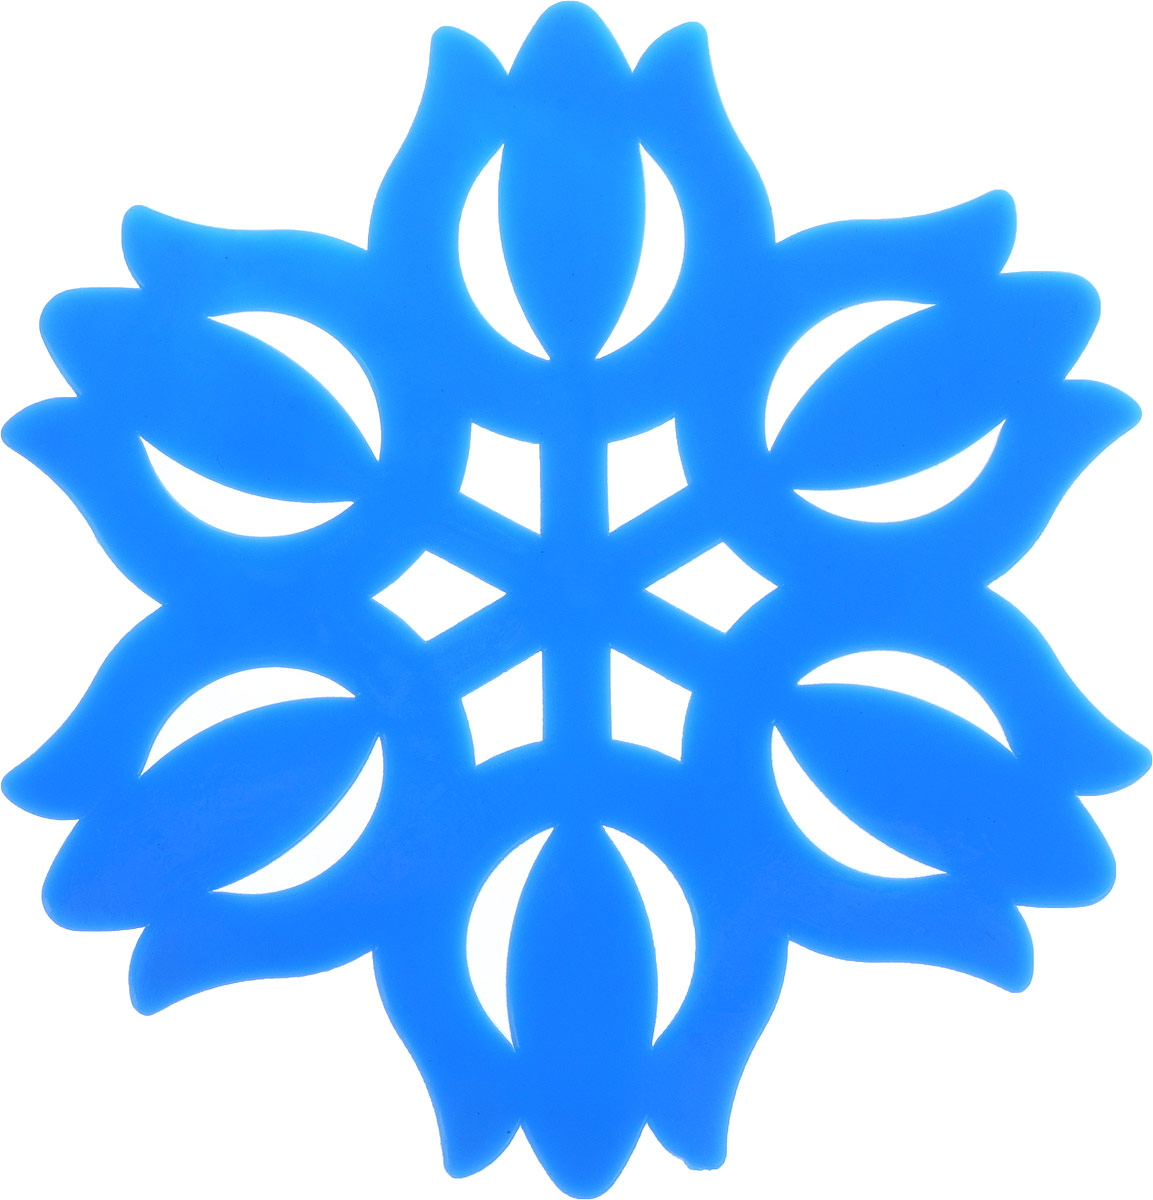 Подставка под горячее Доляна Тюльпан, цвет: синий, диаметр 11 см811889_синийСиликоновая подставка под горячее - практичный предмет, который обязательно пригодится в хозяйстве. Изделие поможет сберечь столы, тумбы, скатерти и клеёнки от повреждения нагретыми сковородами, кастрюлями, чайниками и тарелками.Необычный дизайн и яркий цвет этой подставки не только порадует глаз, но и украсит вашу кухню!